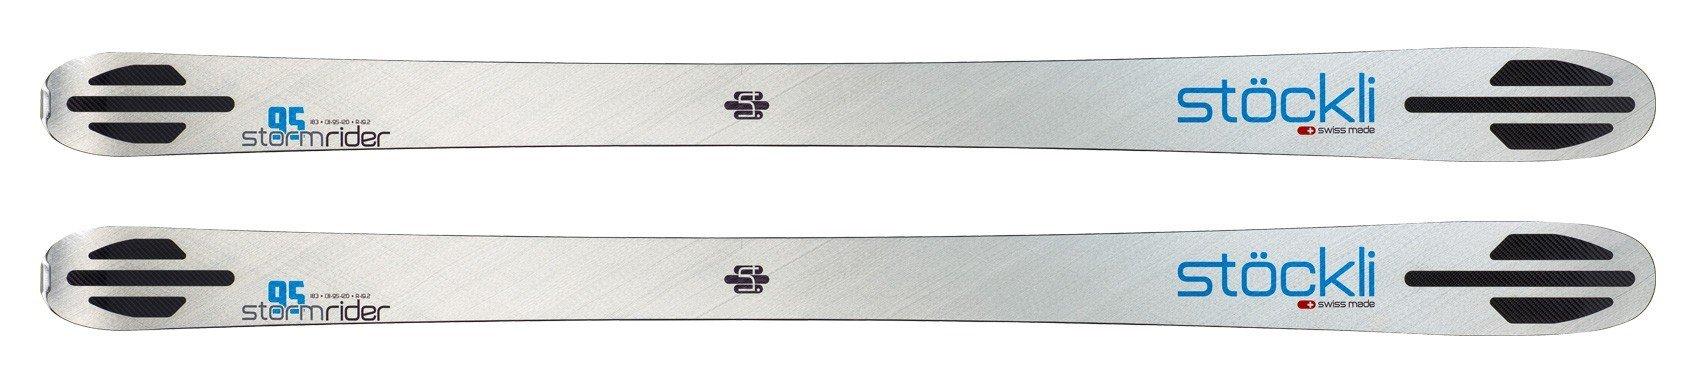 STORMRIDER 95